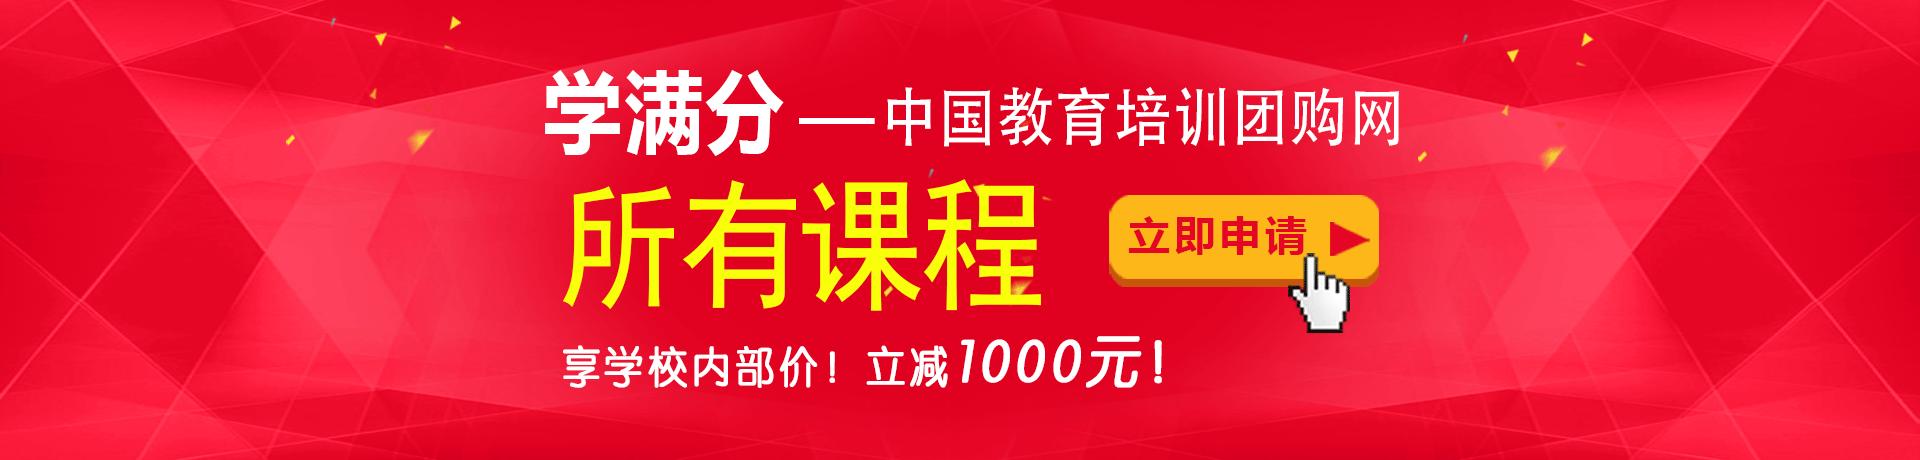 黄浦区环球雅思词汇班公司